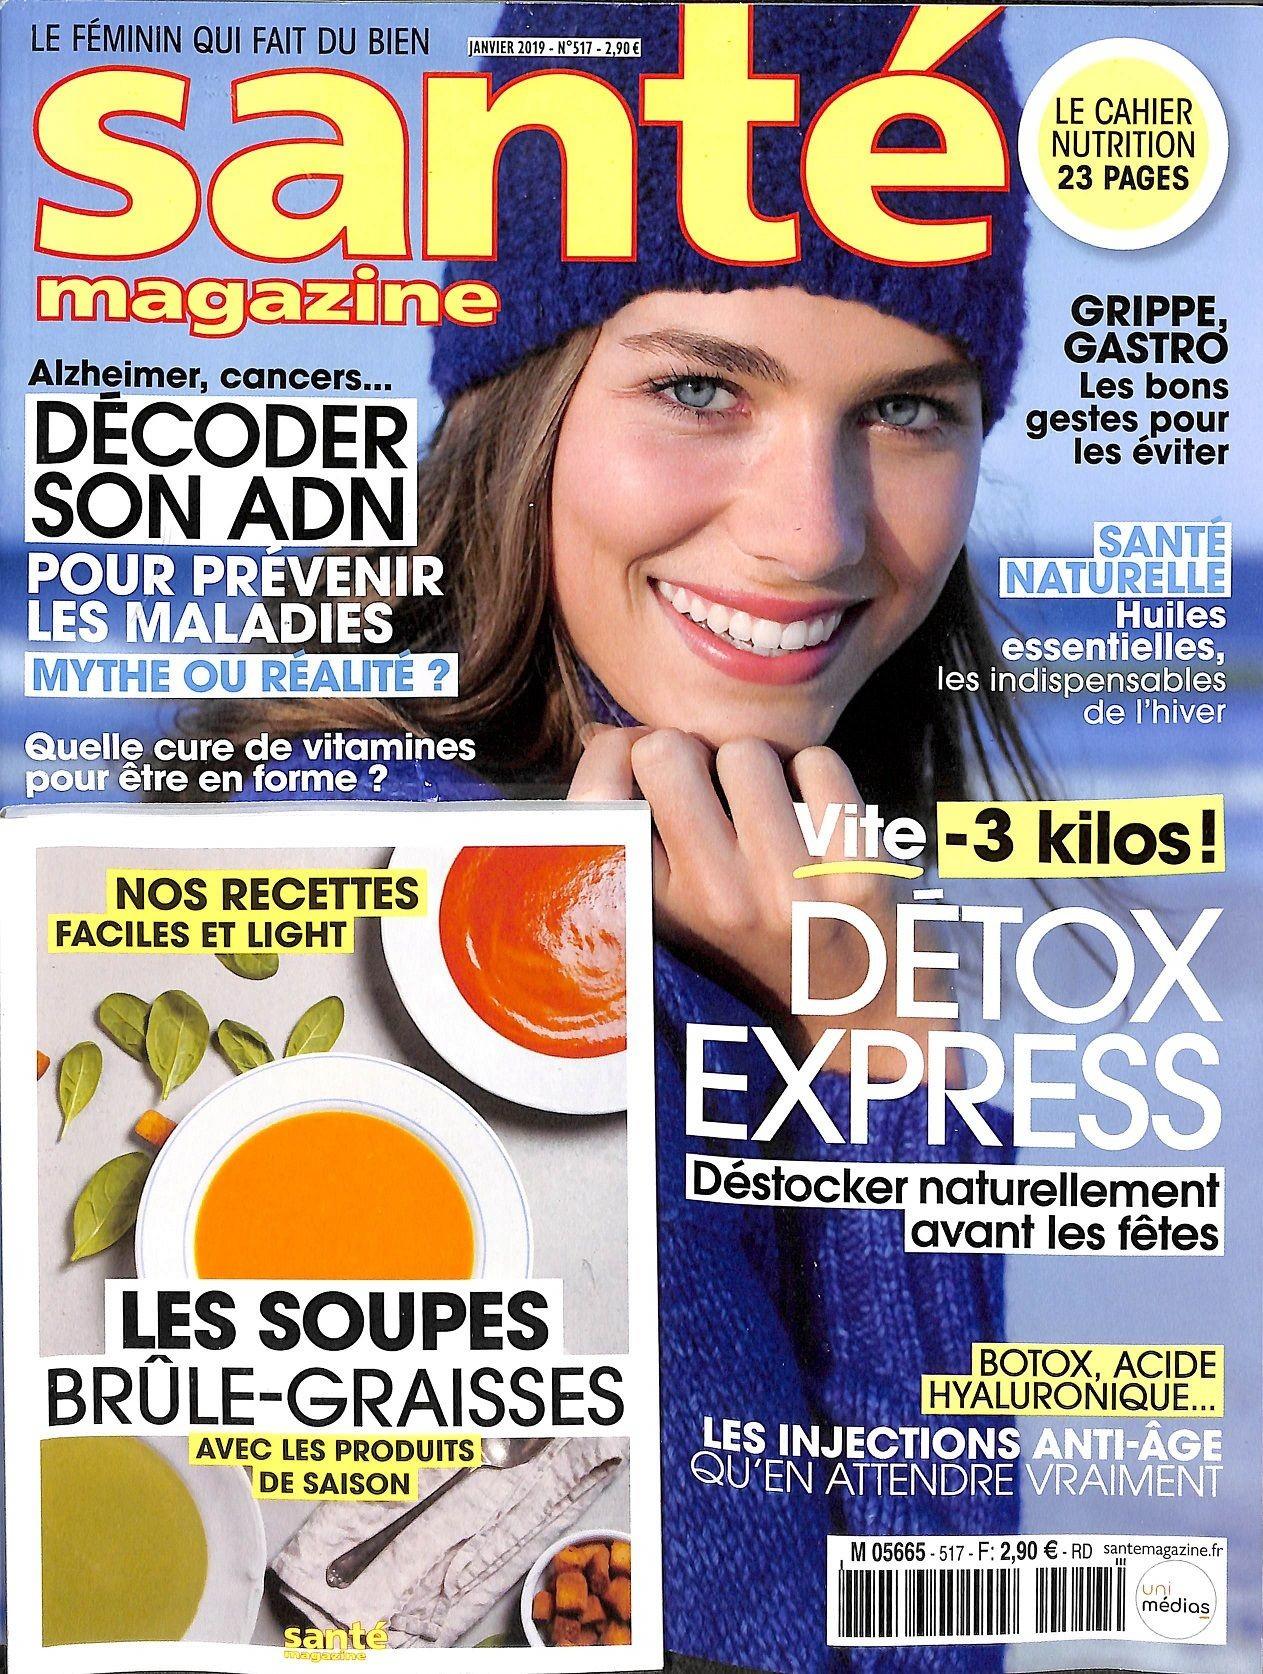 Romy Klerks santé mag janvier 2019.jpg